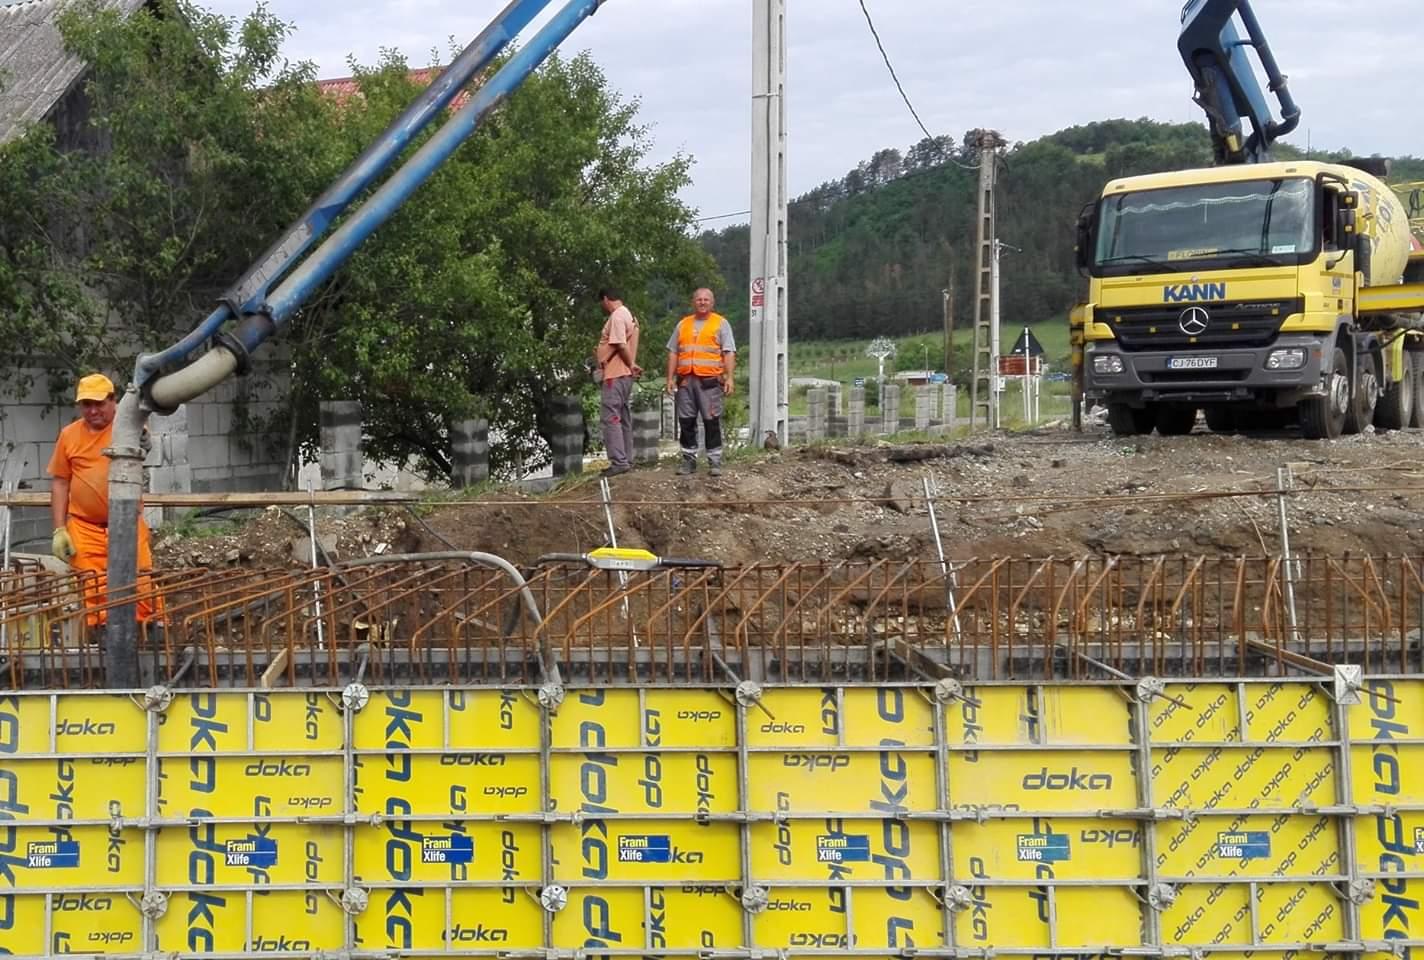 Lucrările de modernizare derulate pe Lotul 1 al Drumului Bistriței avansează în ritm alert. Se lucrează susținut pe DJ 109 Răscruci – Borșa – Vultureni